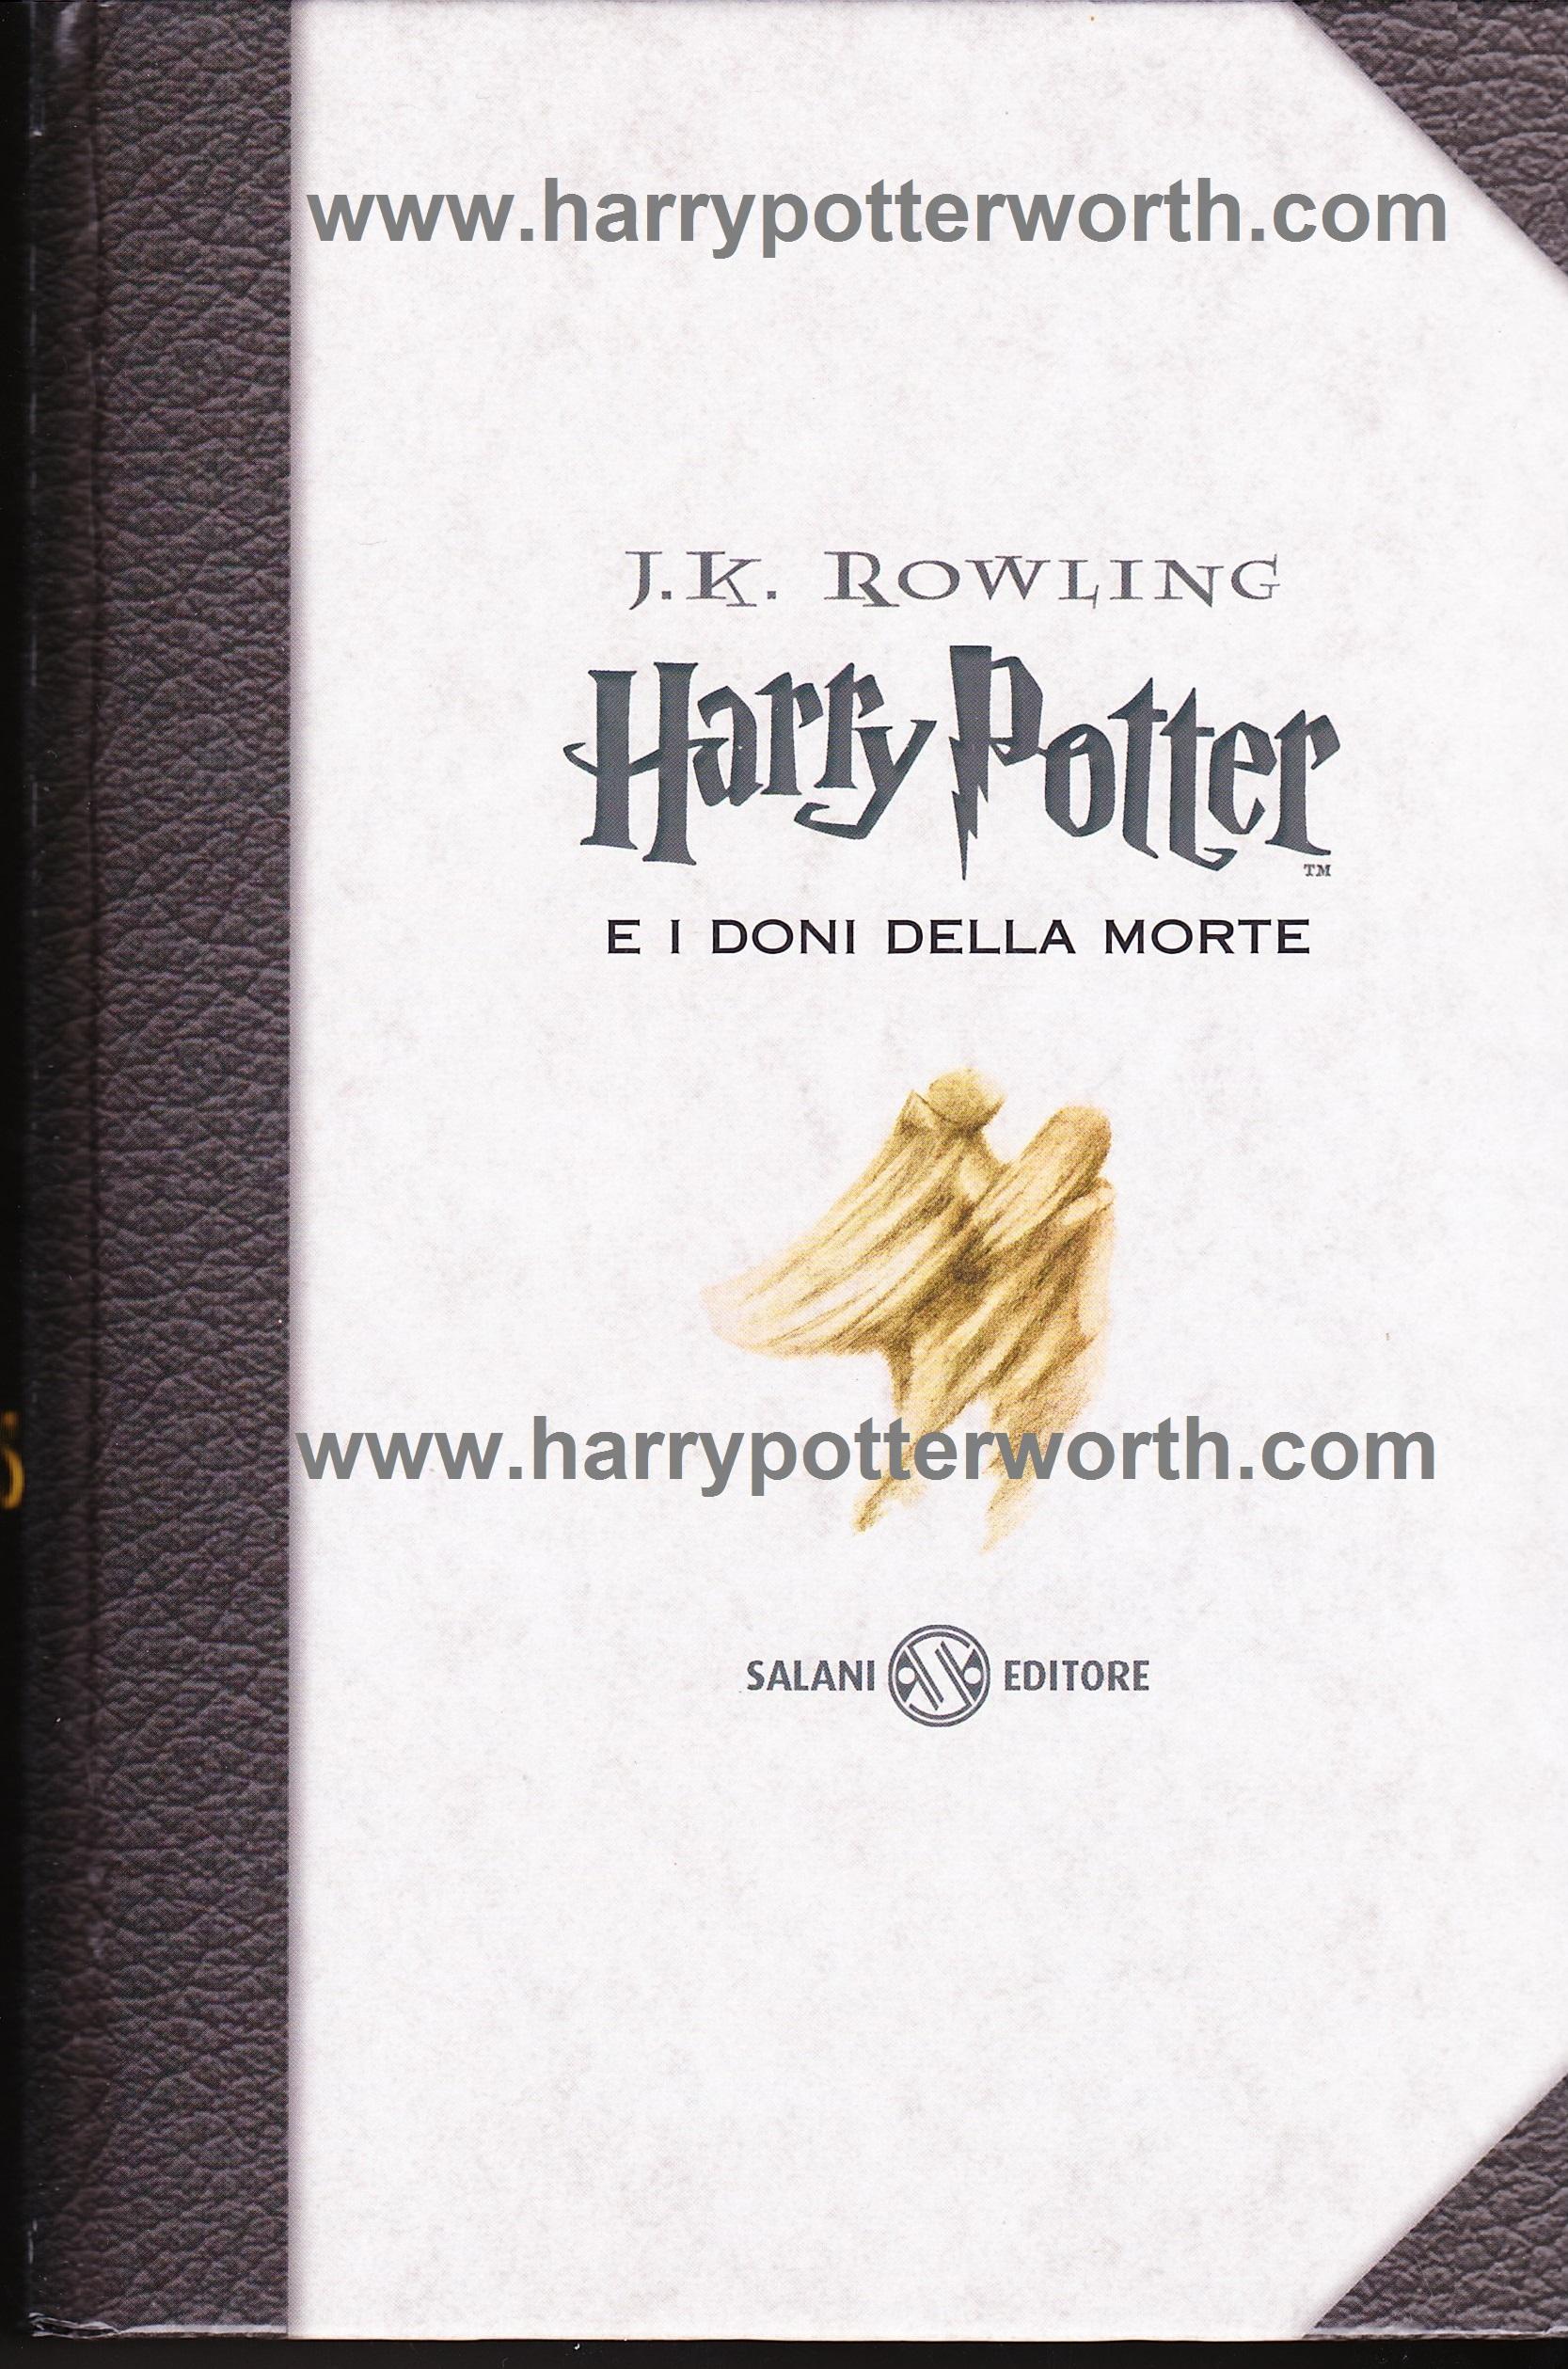 Harry Potter e i Doni della Morte Edizione Motto Hogwarts 2007 - Fronte